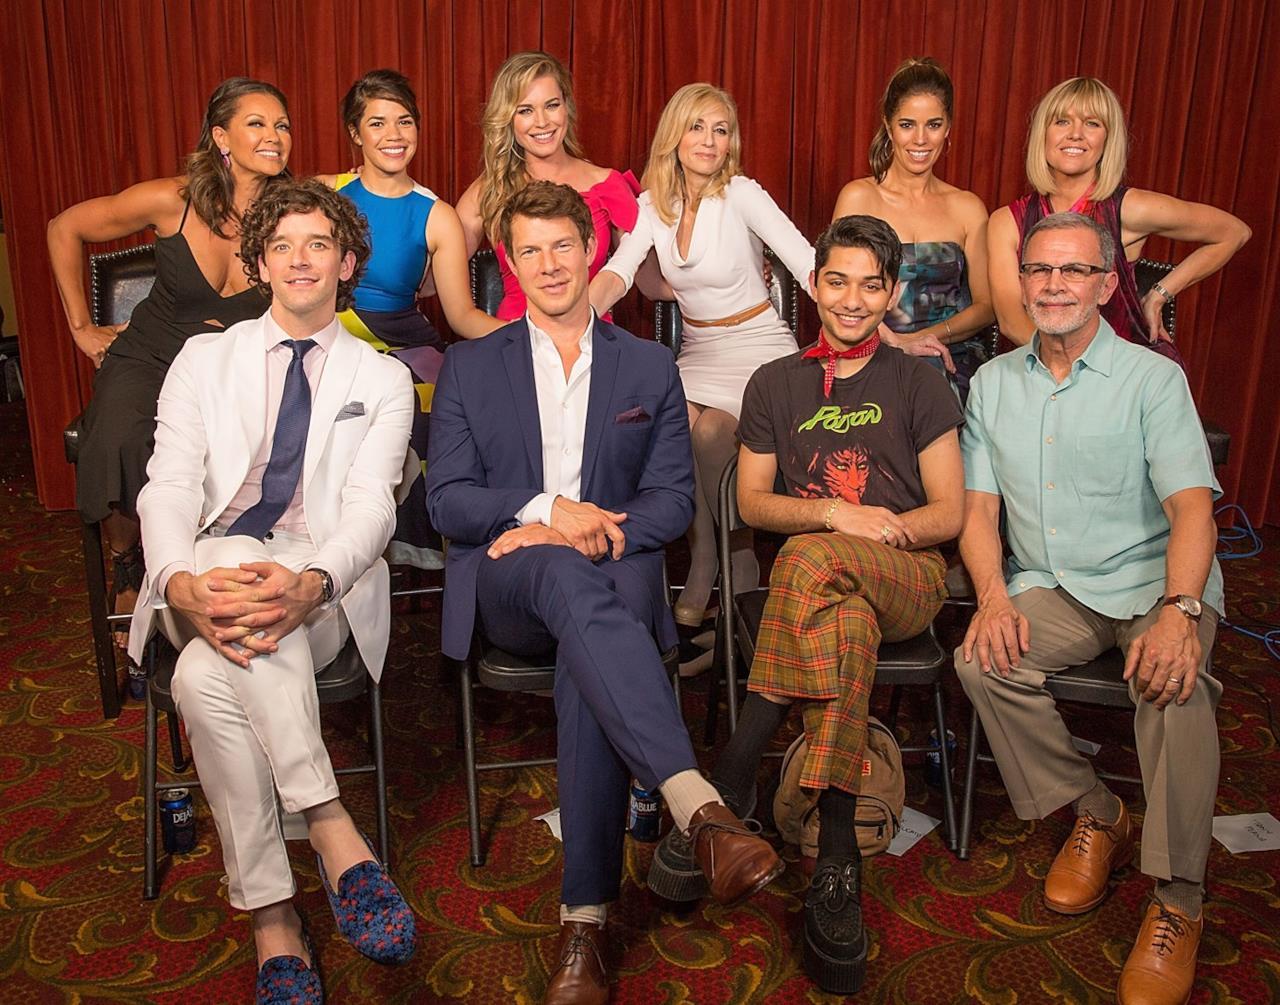 Il cast di Ugly Betty all'ATX Television Festival in Austin (2016)